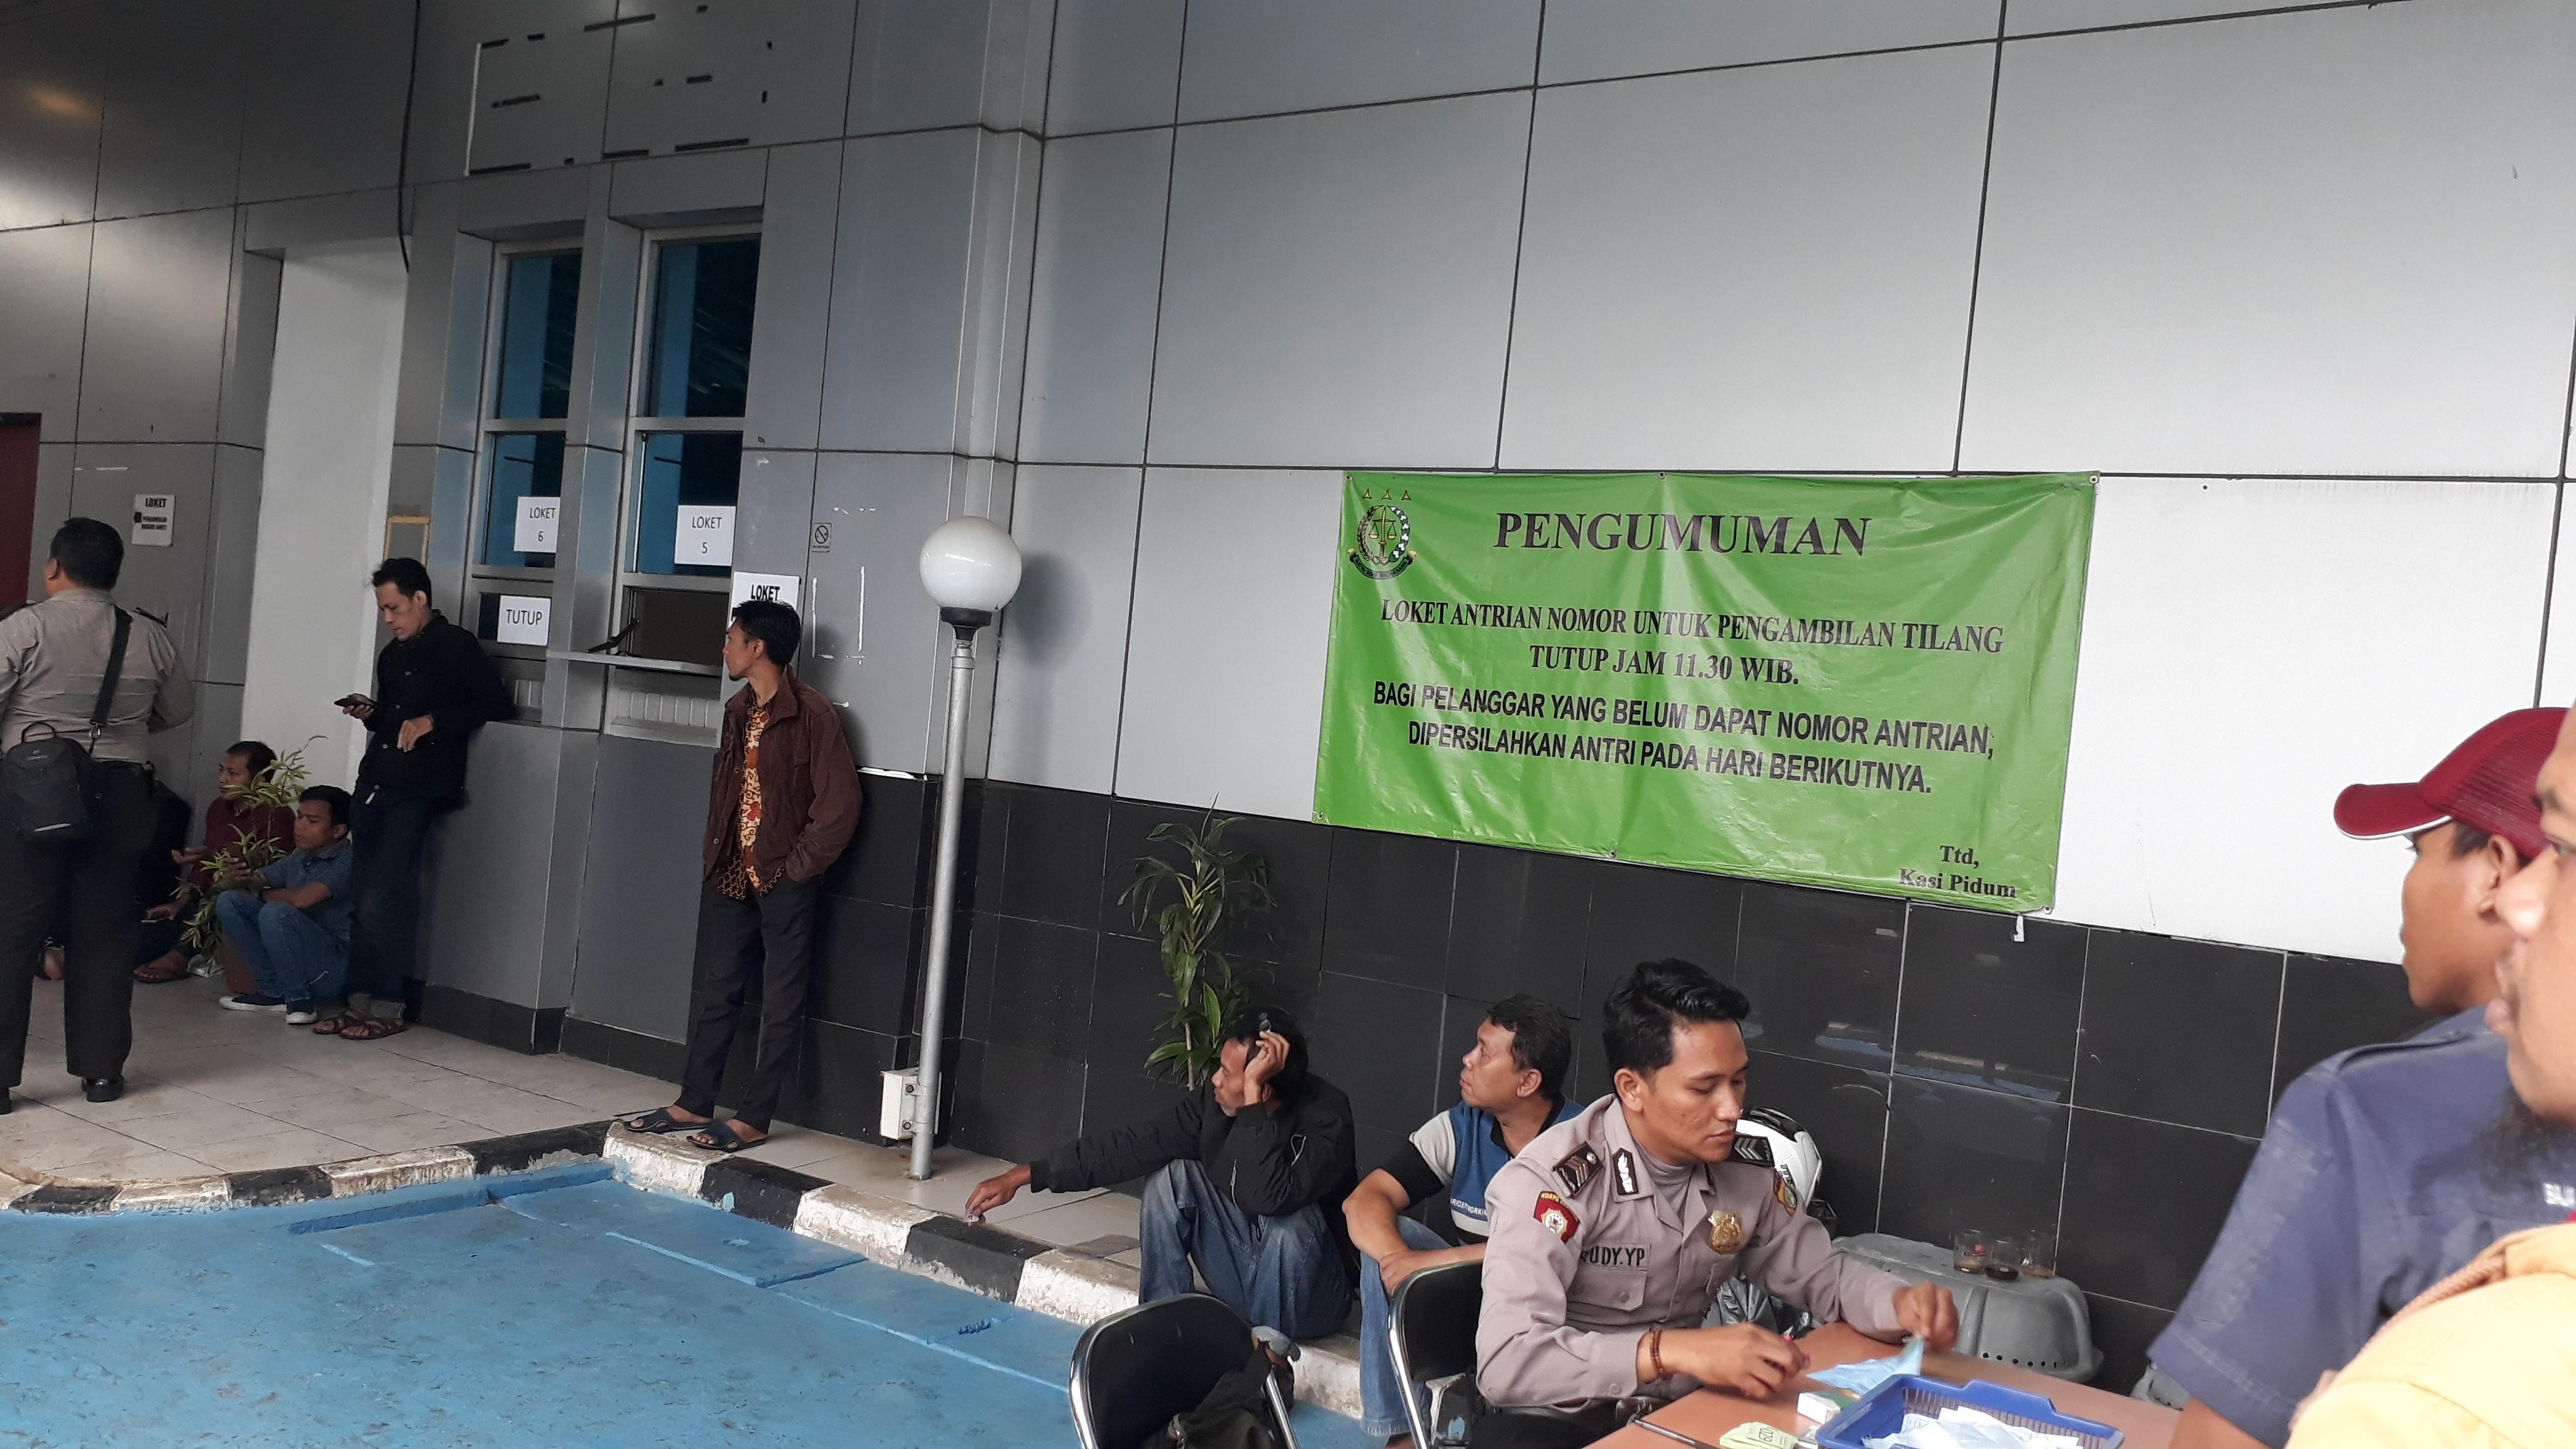 Prosedur Pengurusan Tilang di Kejaksaan Negeri Jakarta Selatan